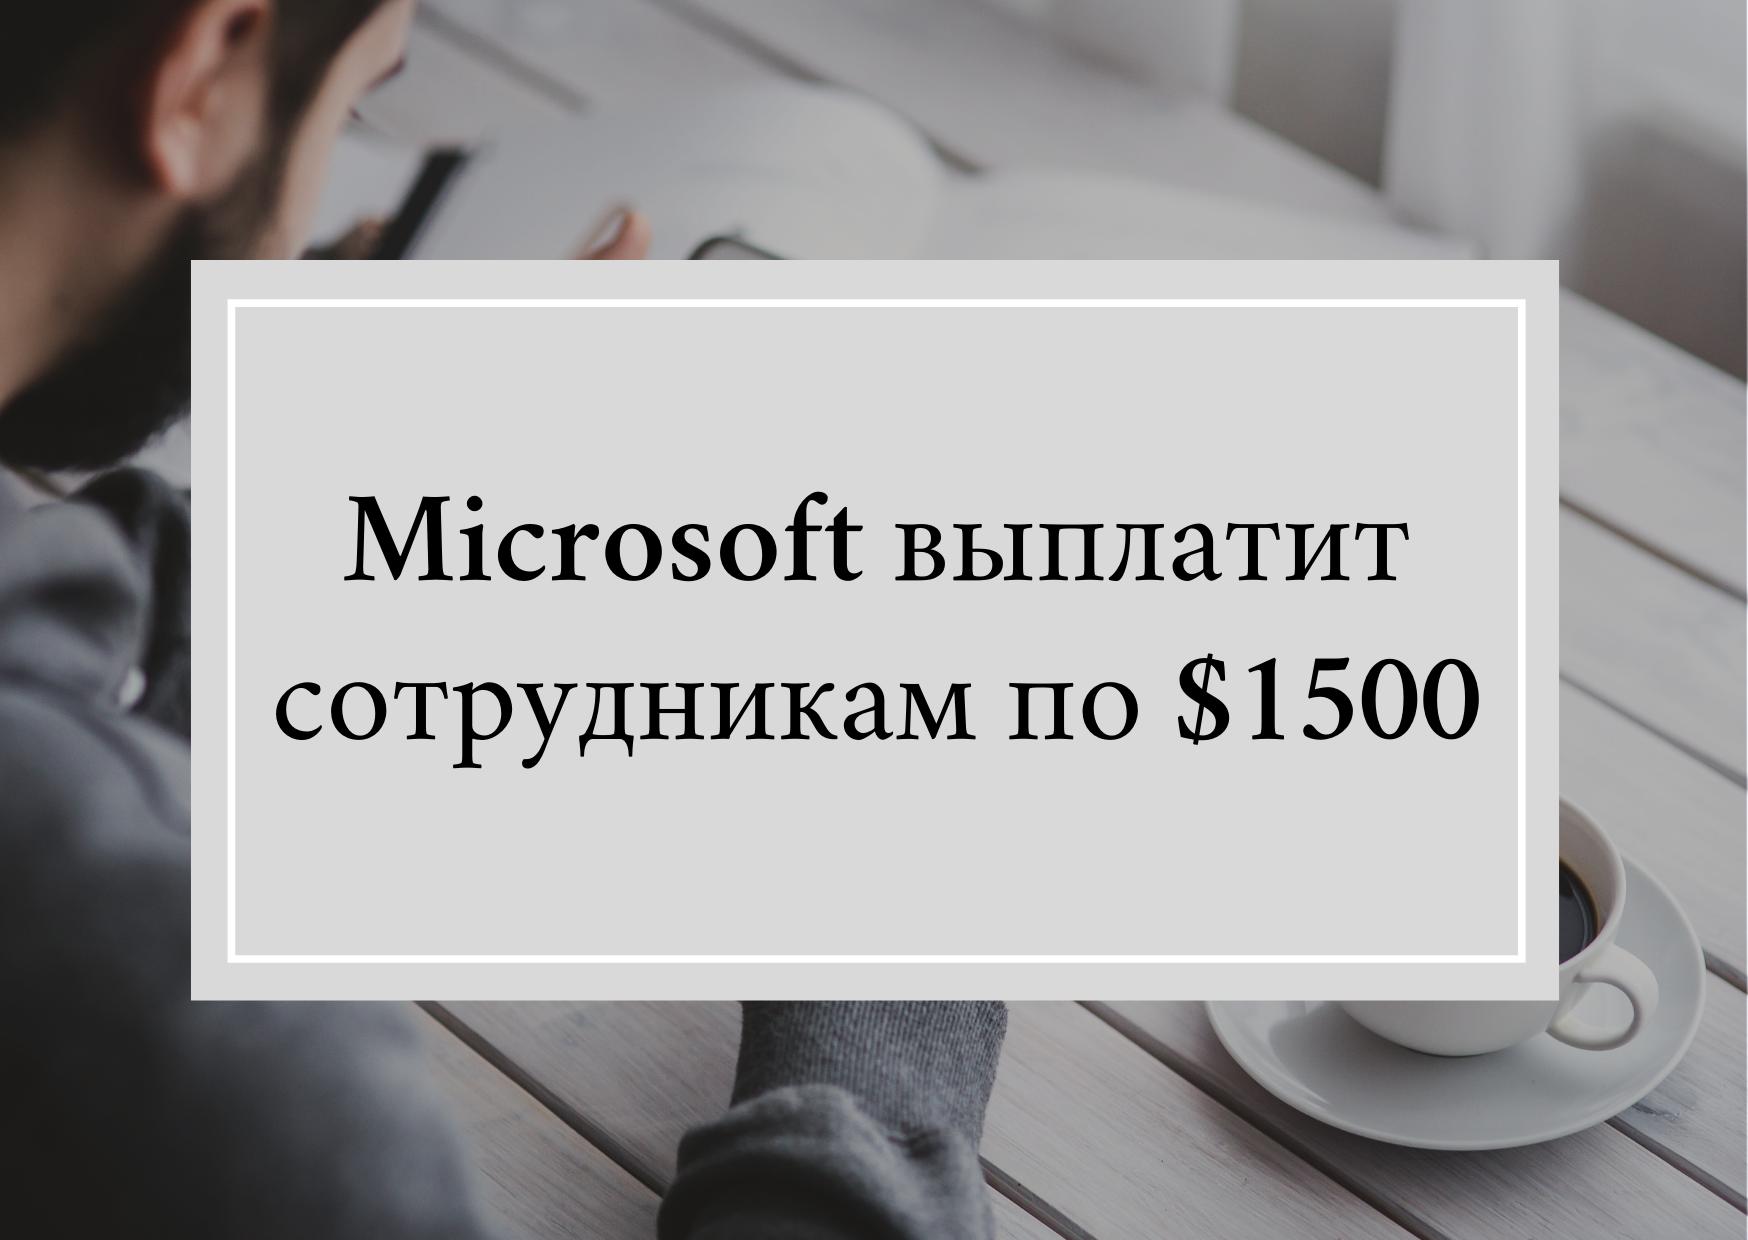 Бонус работникам Майкрософт